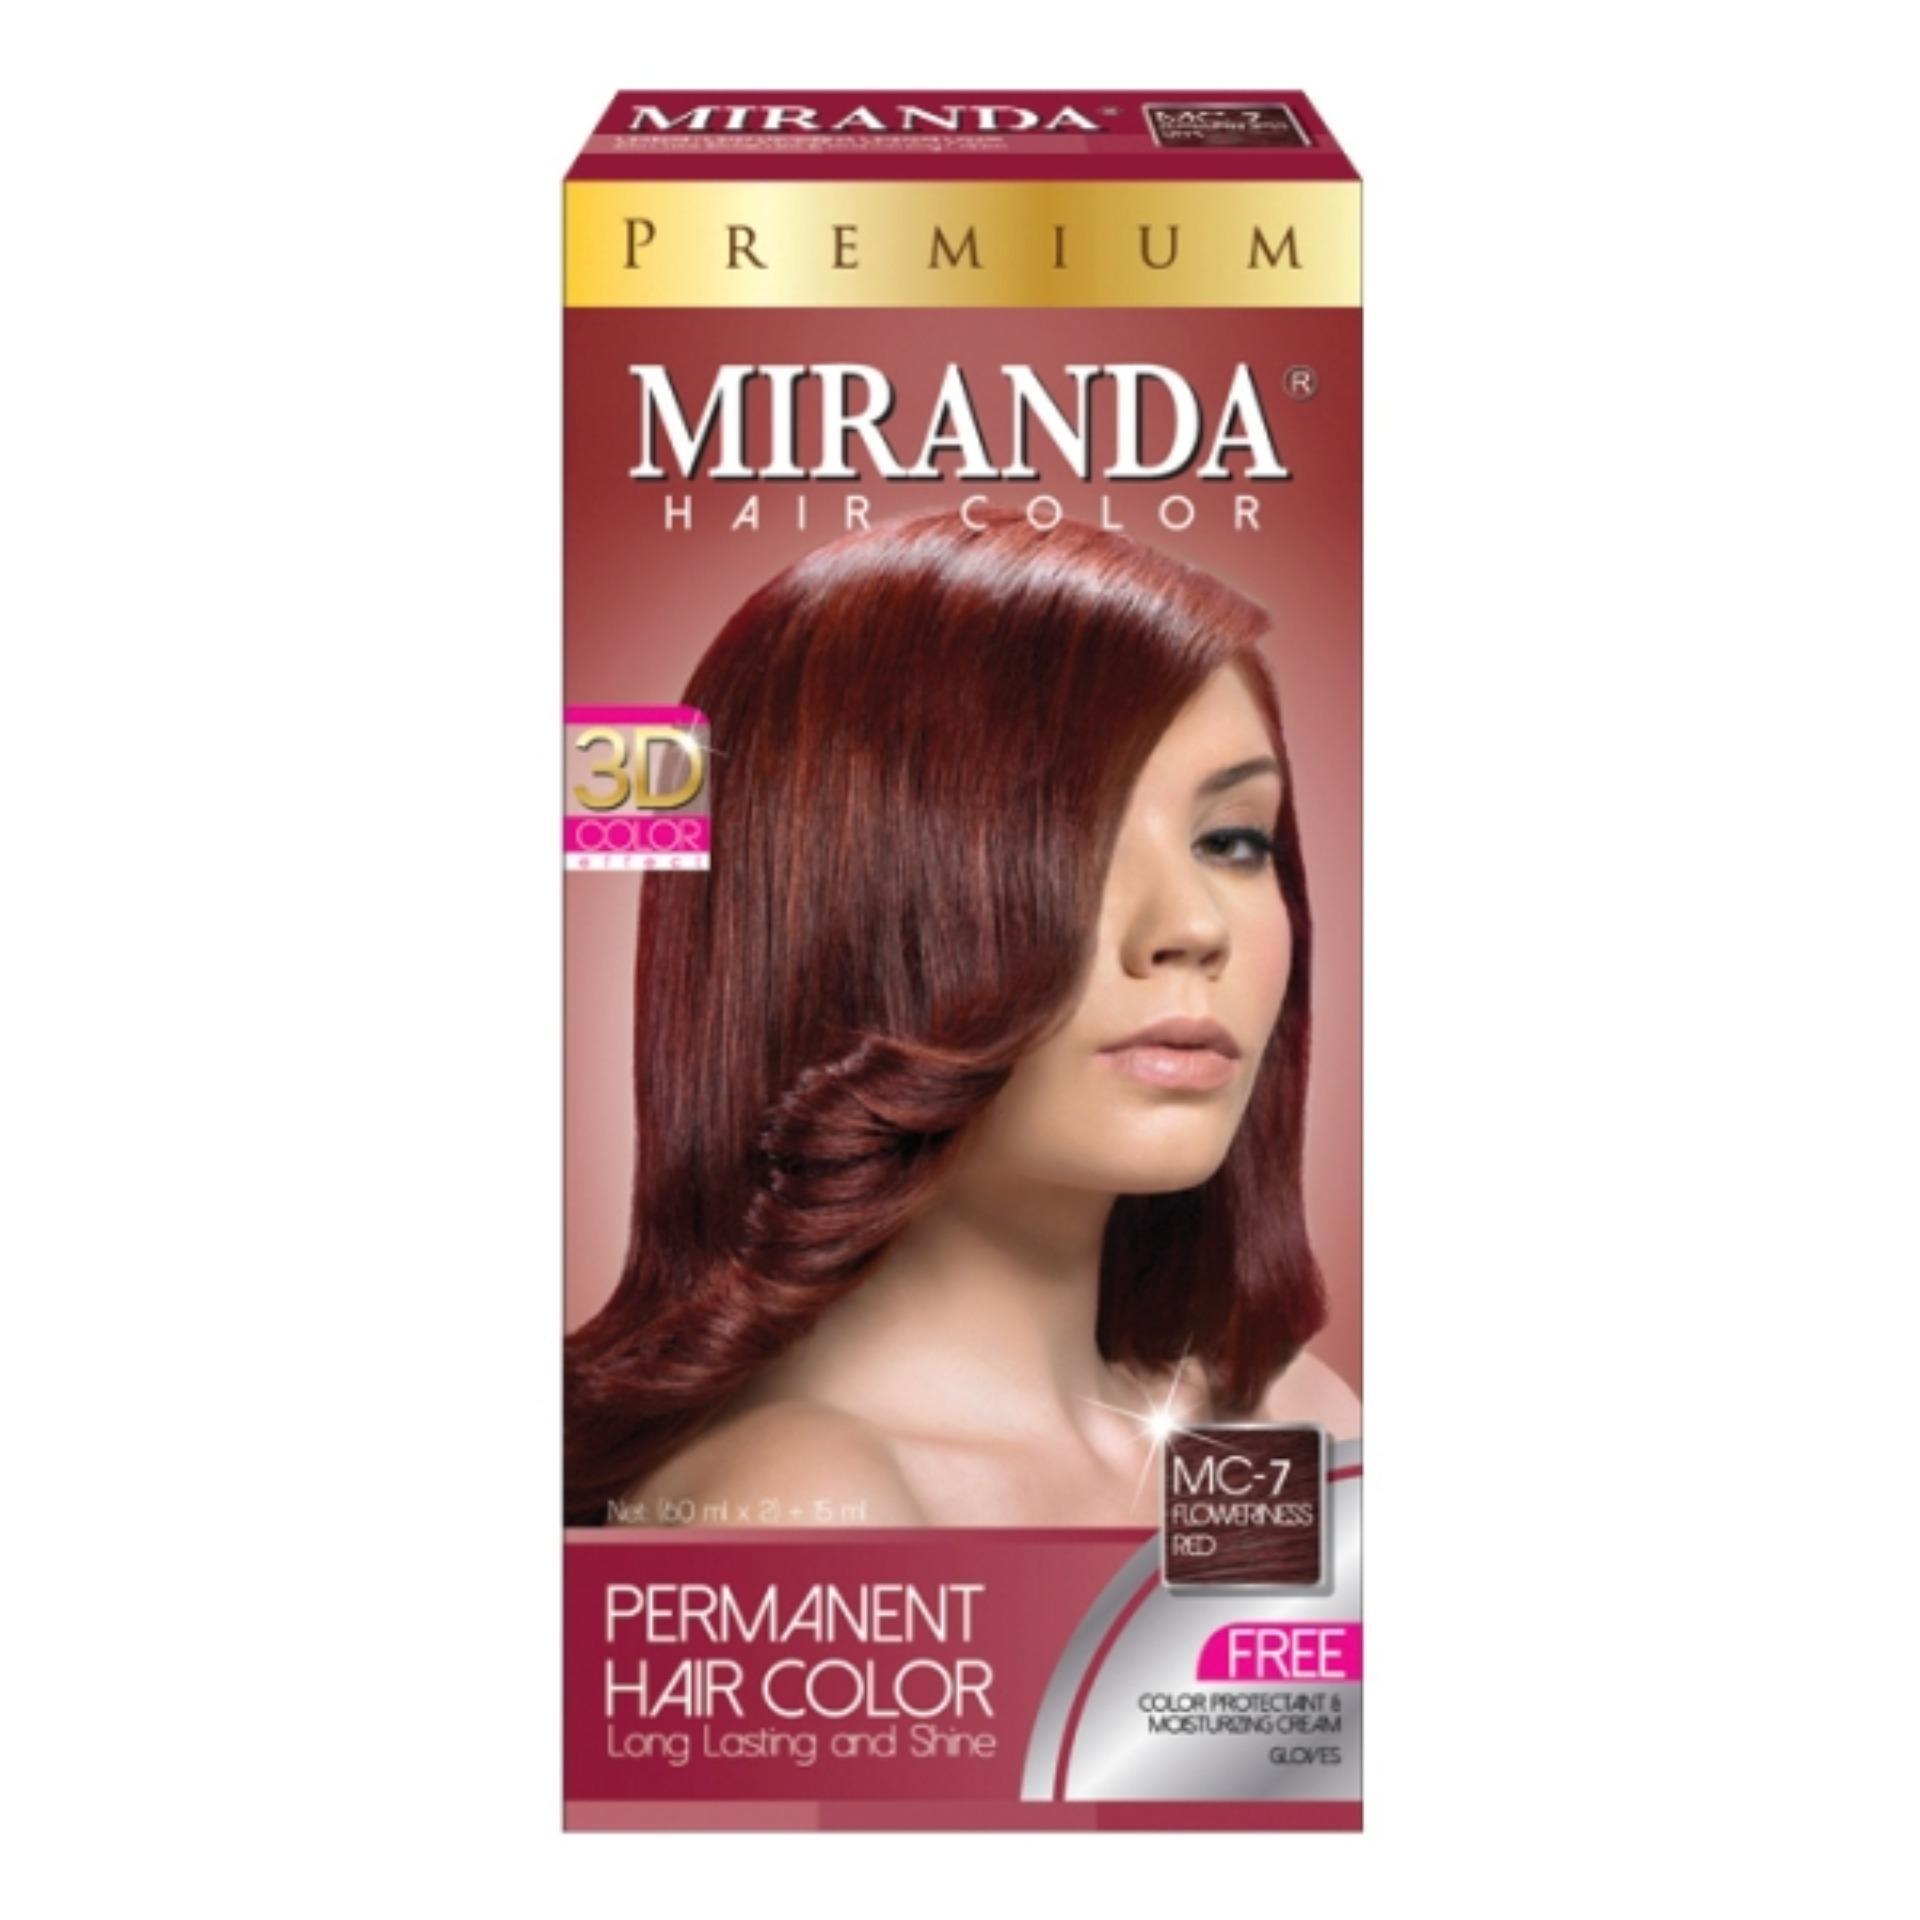 Pencarian Termurah Miranda Hair Color Premium - Flowerness Red harga penawaran - Hanya Rp16.440